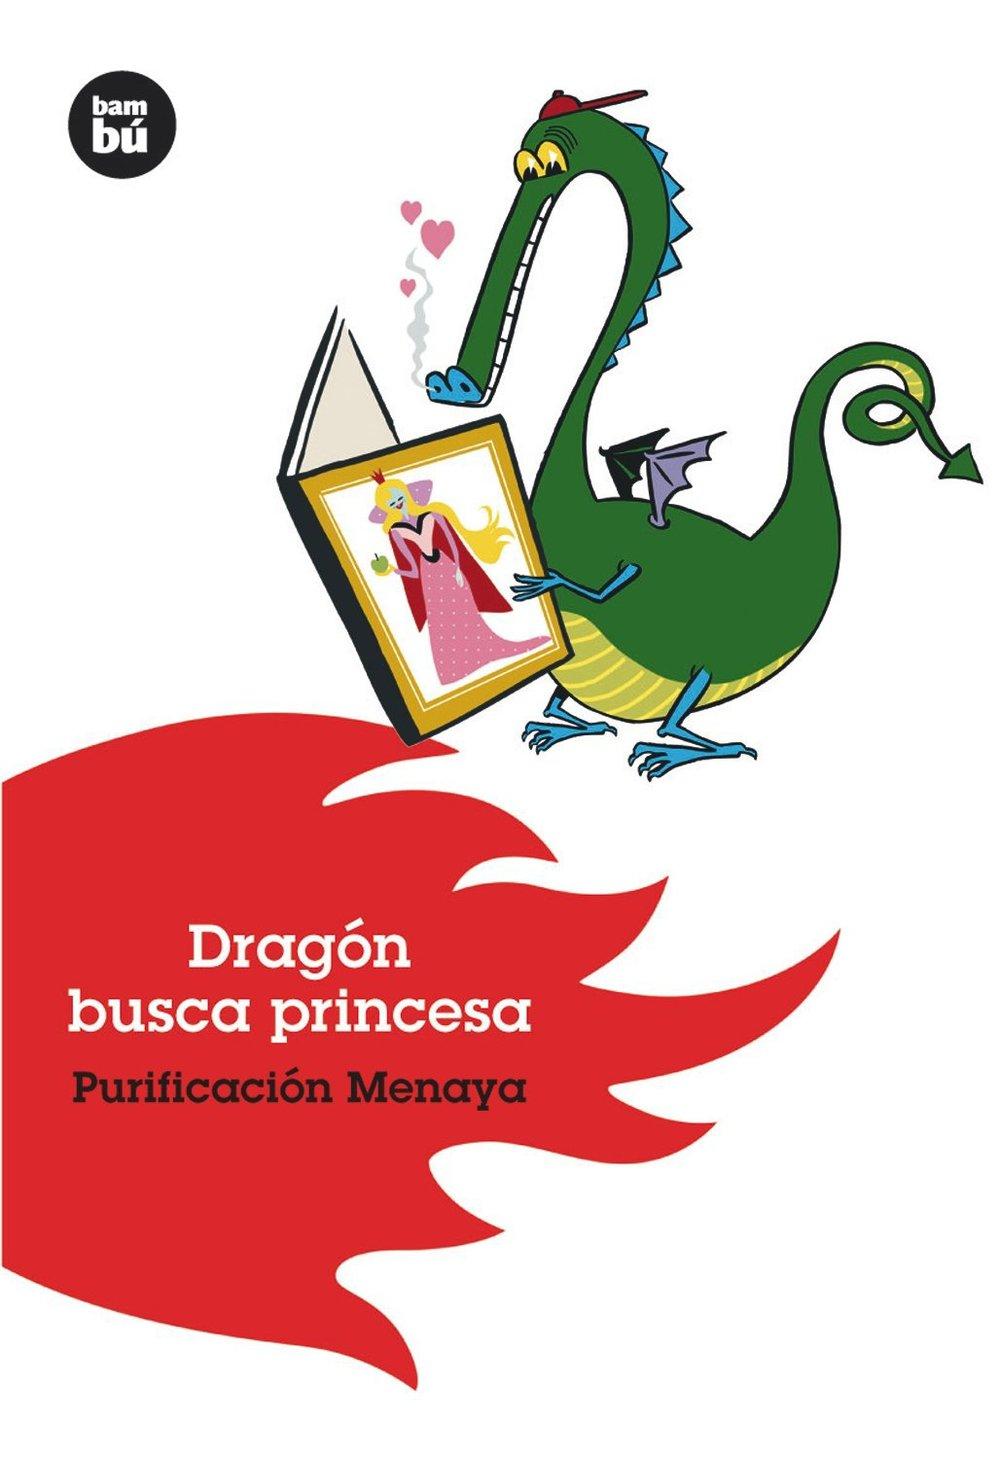 Dragón busca princesa